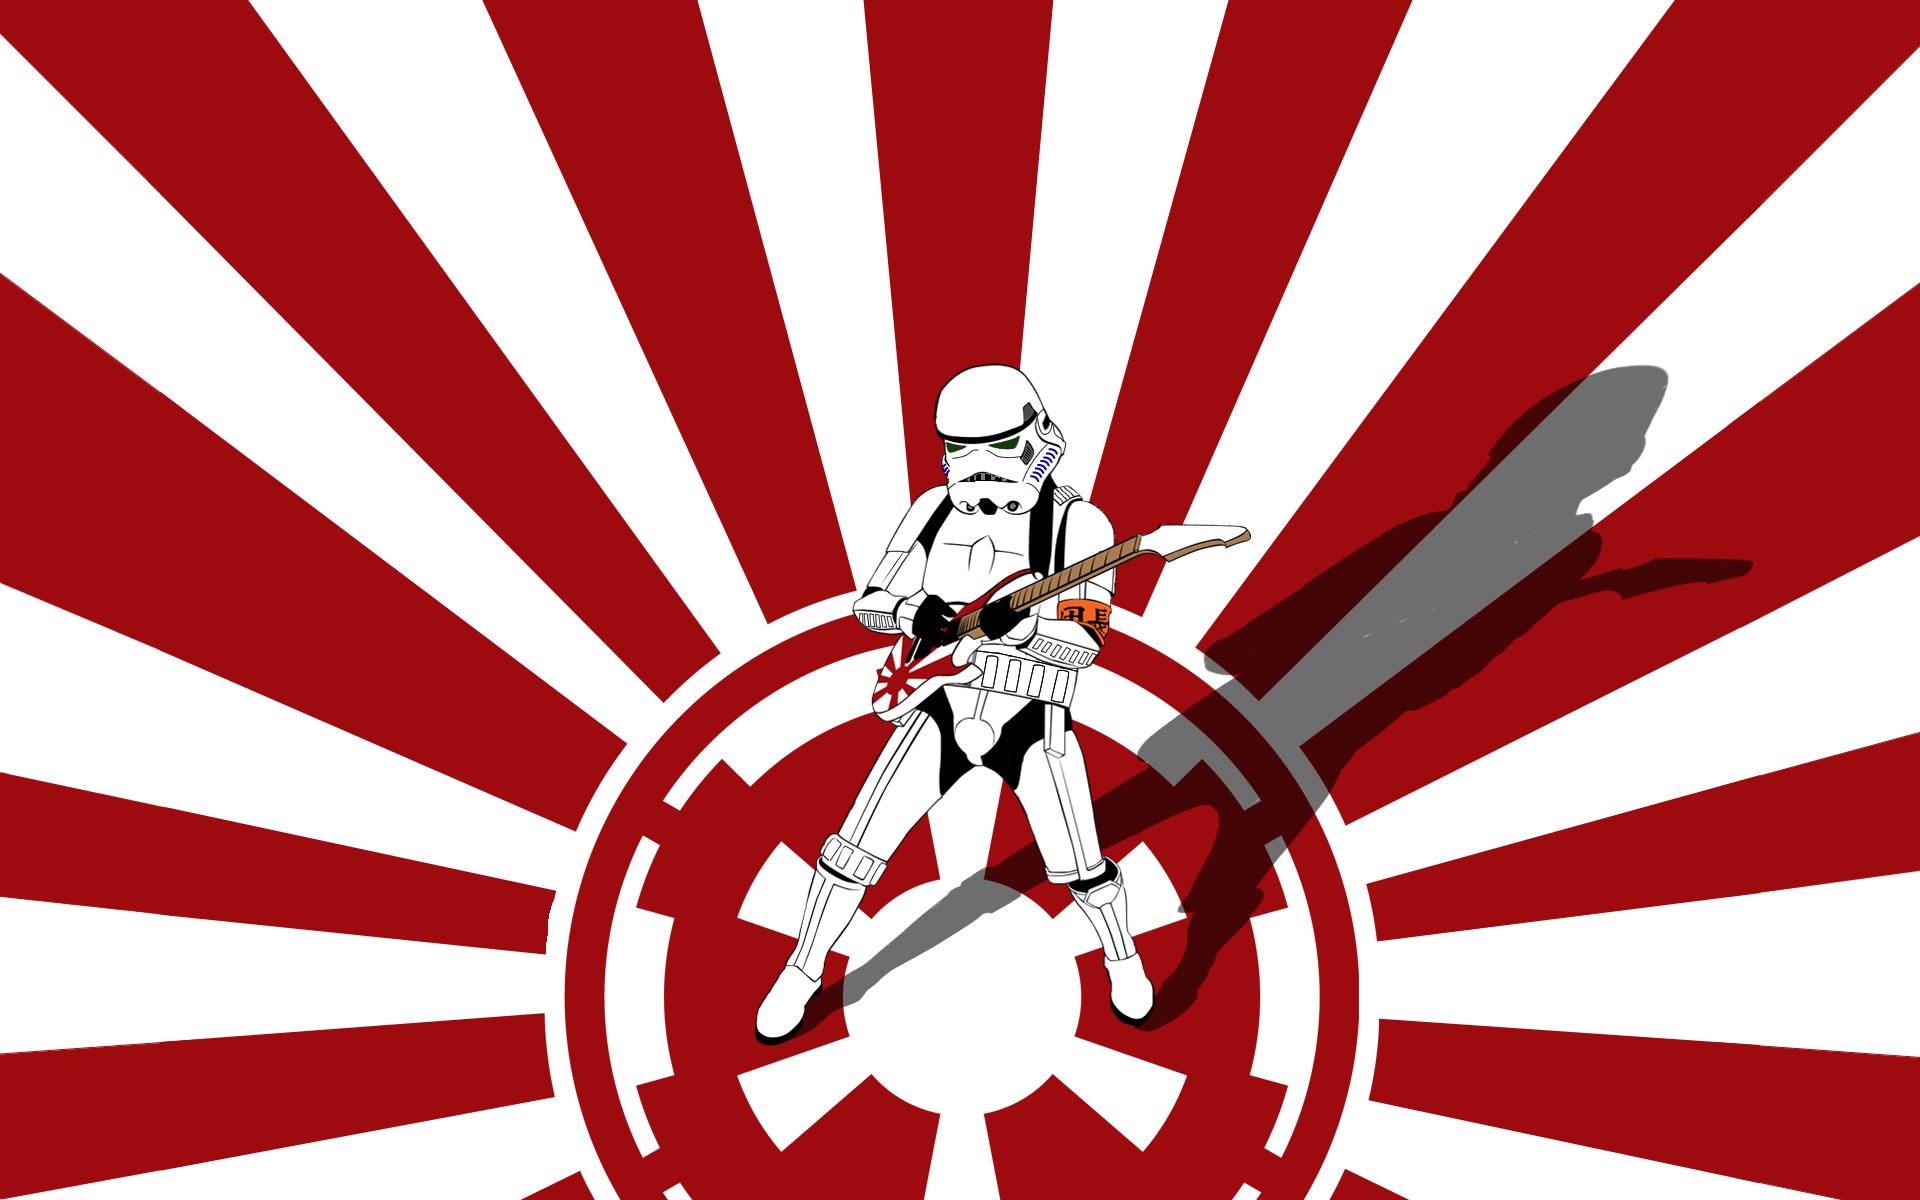 Star Wars Stormtroopers Guitars Galactic Empire Free Wallpaper Wallpaperjam Com